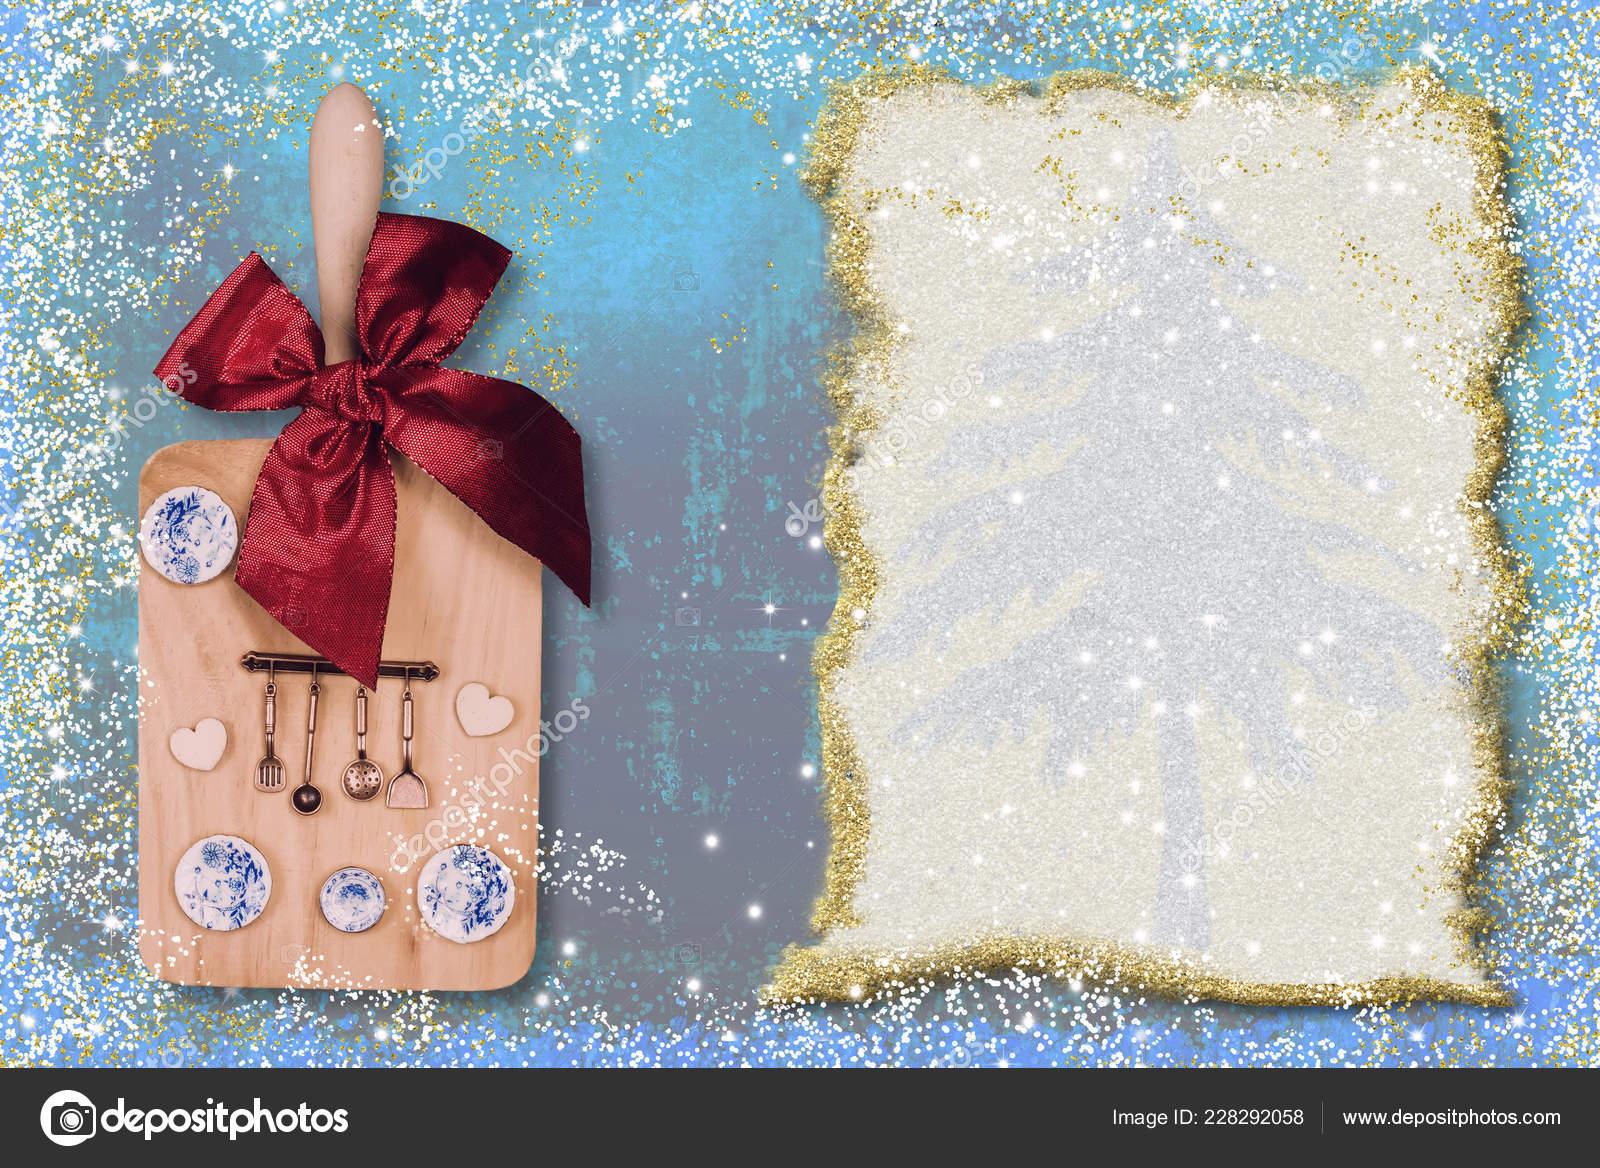 Carte De Menu Pour Noel.Carte De Menu Noel Vintage Photographie Risia C 228292058